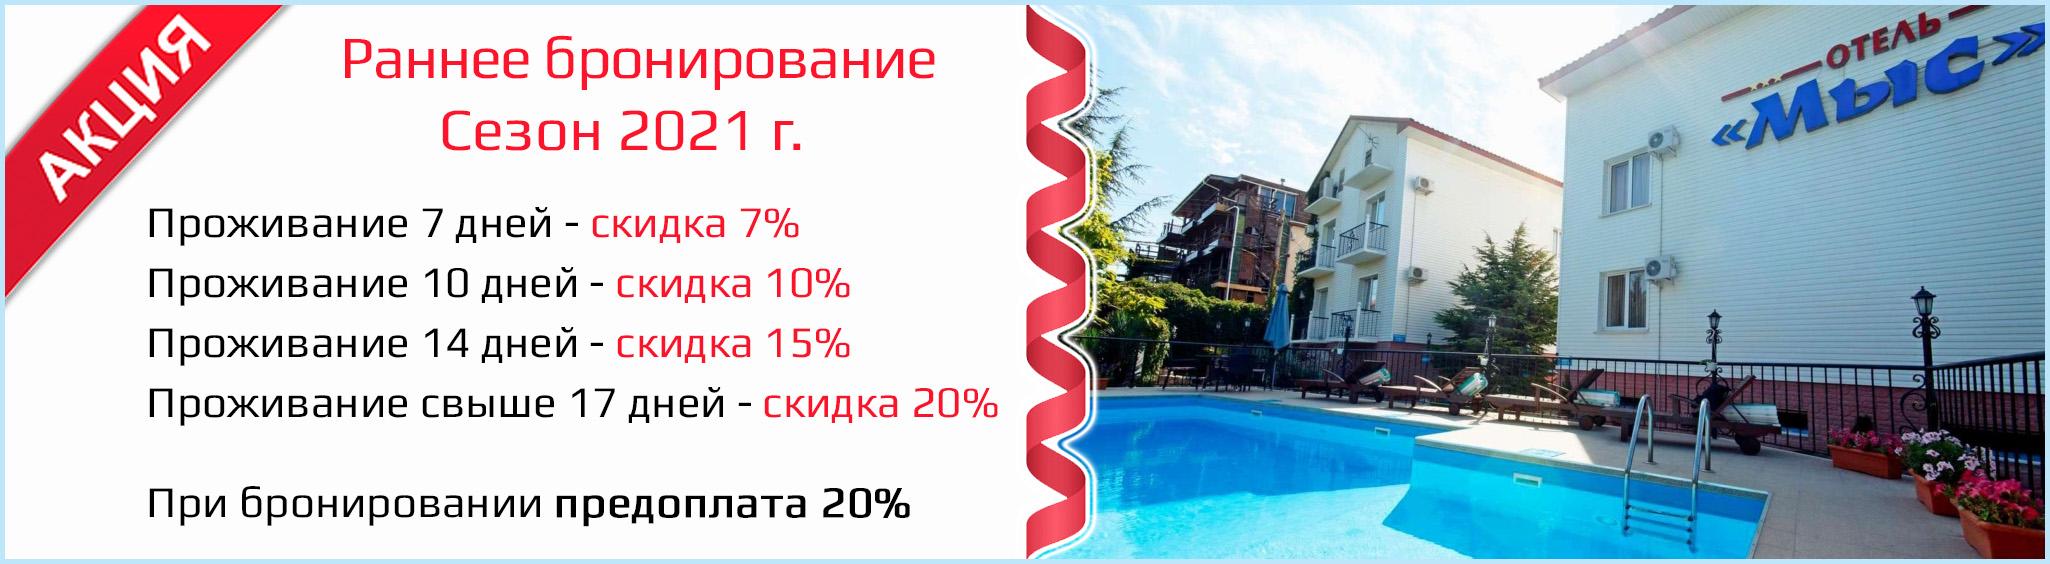 Отель Севастополь, Акция